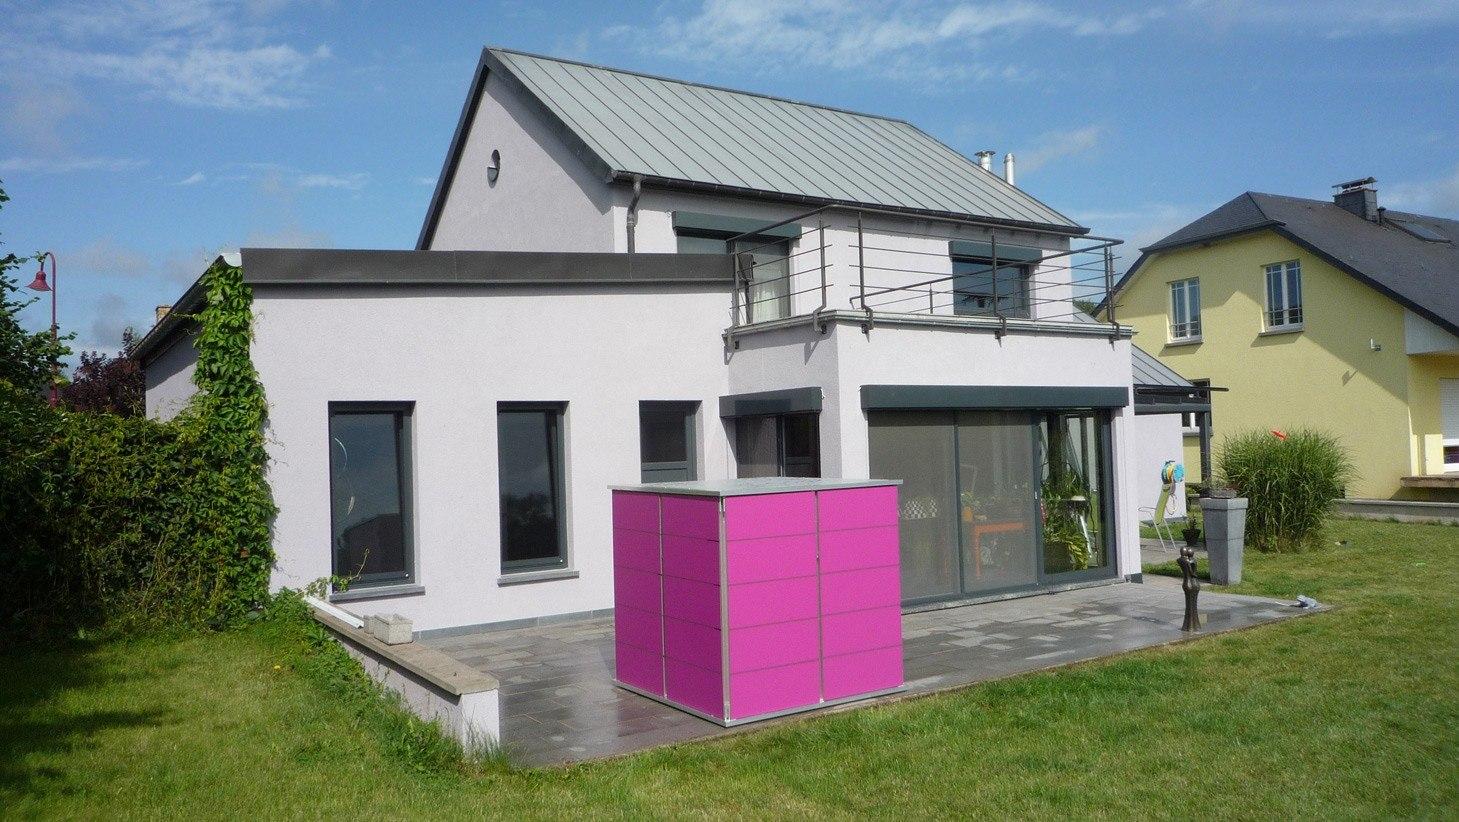 Gartenhaus modern garten q garten q gmbh - Alternative gartenhaus ...